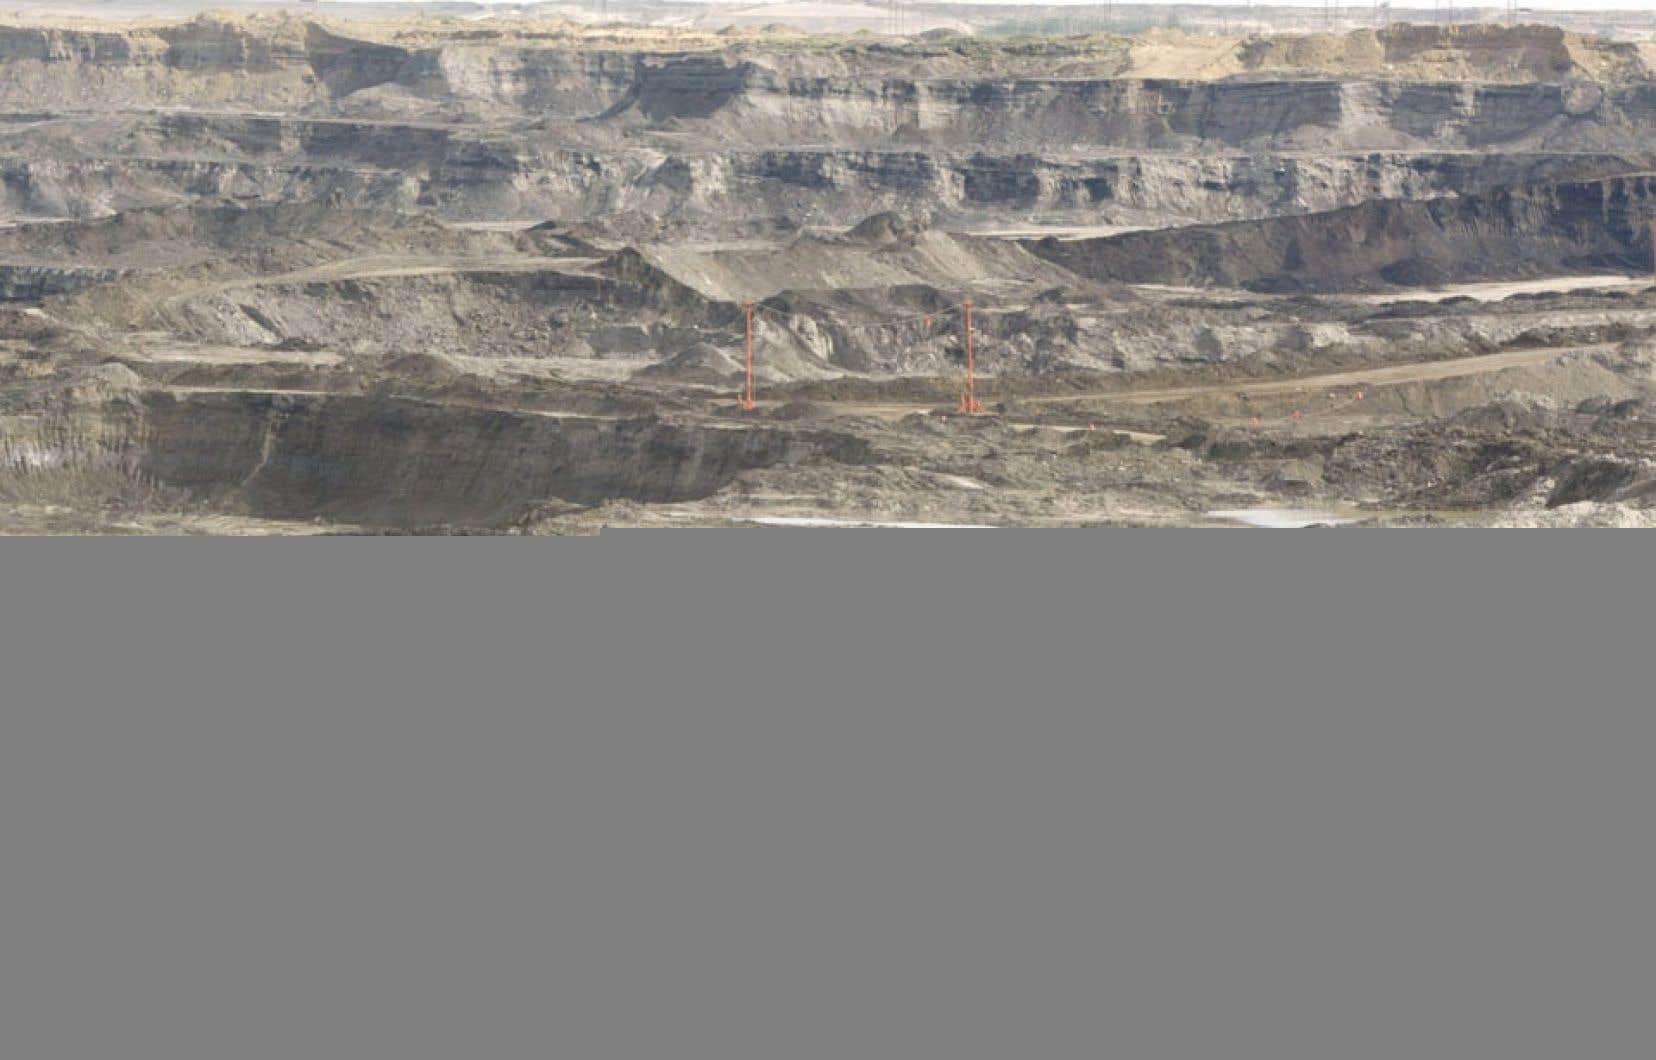 L'exploitation des sables bitumineux qu'encourage le gouvernement Harper coûte cher aux Québécois.